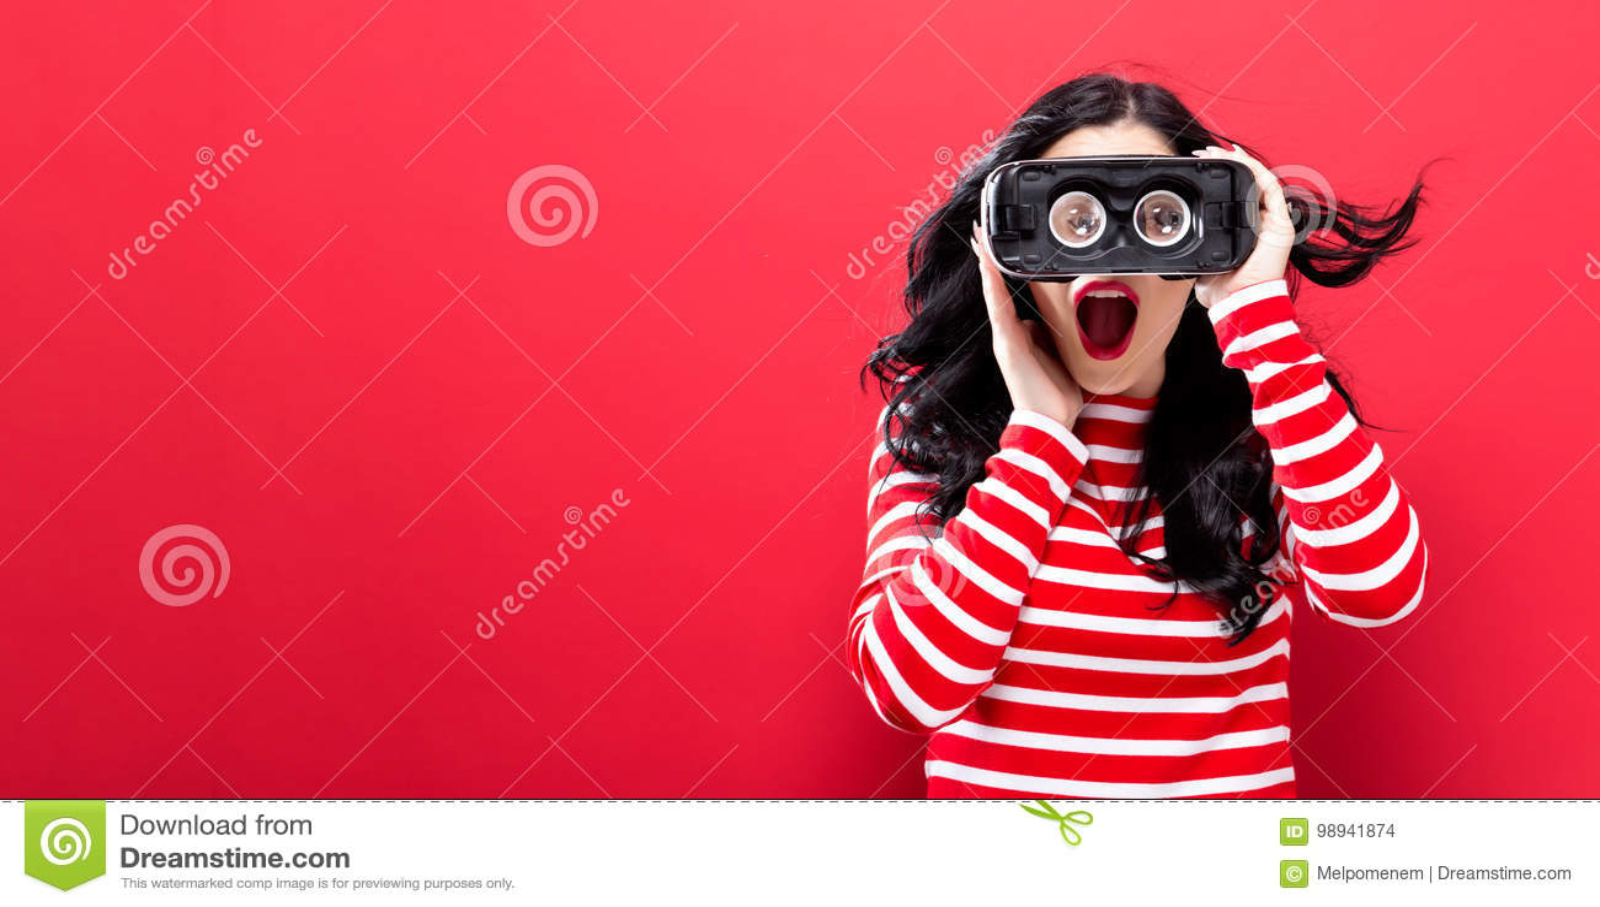 使用虚拟现实耳机的少妇